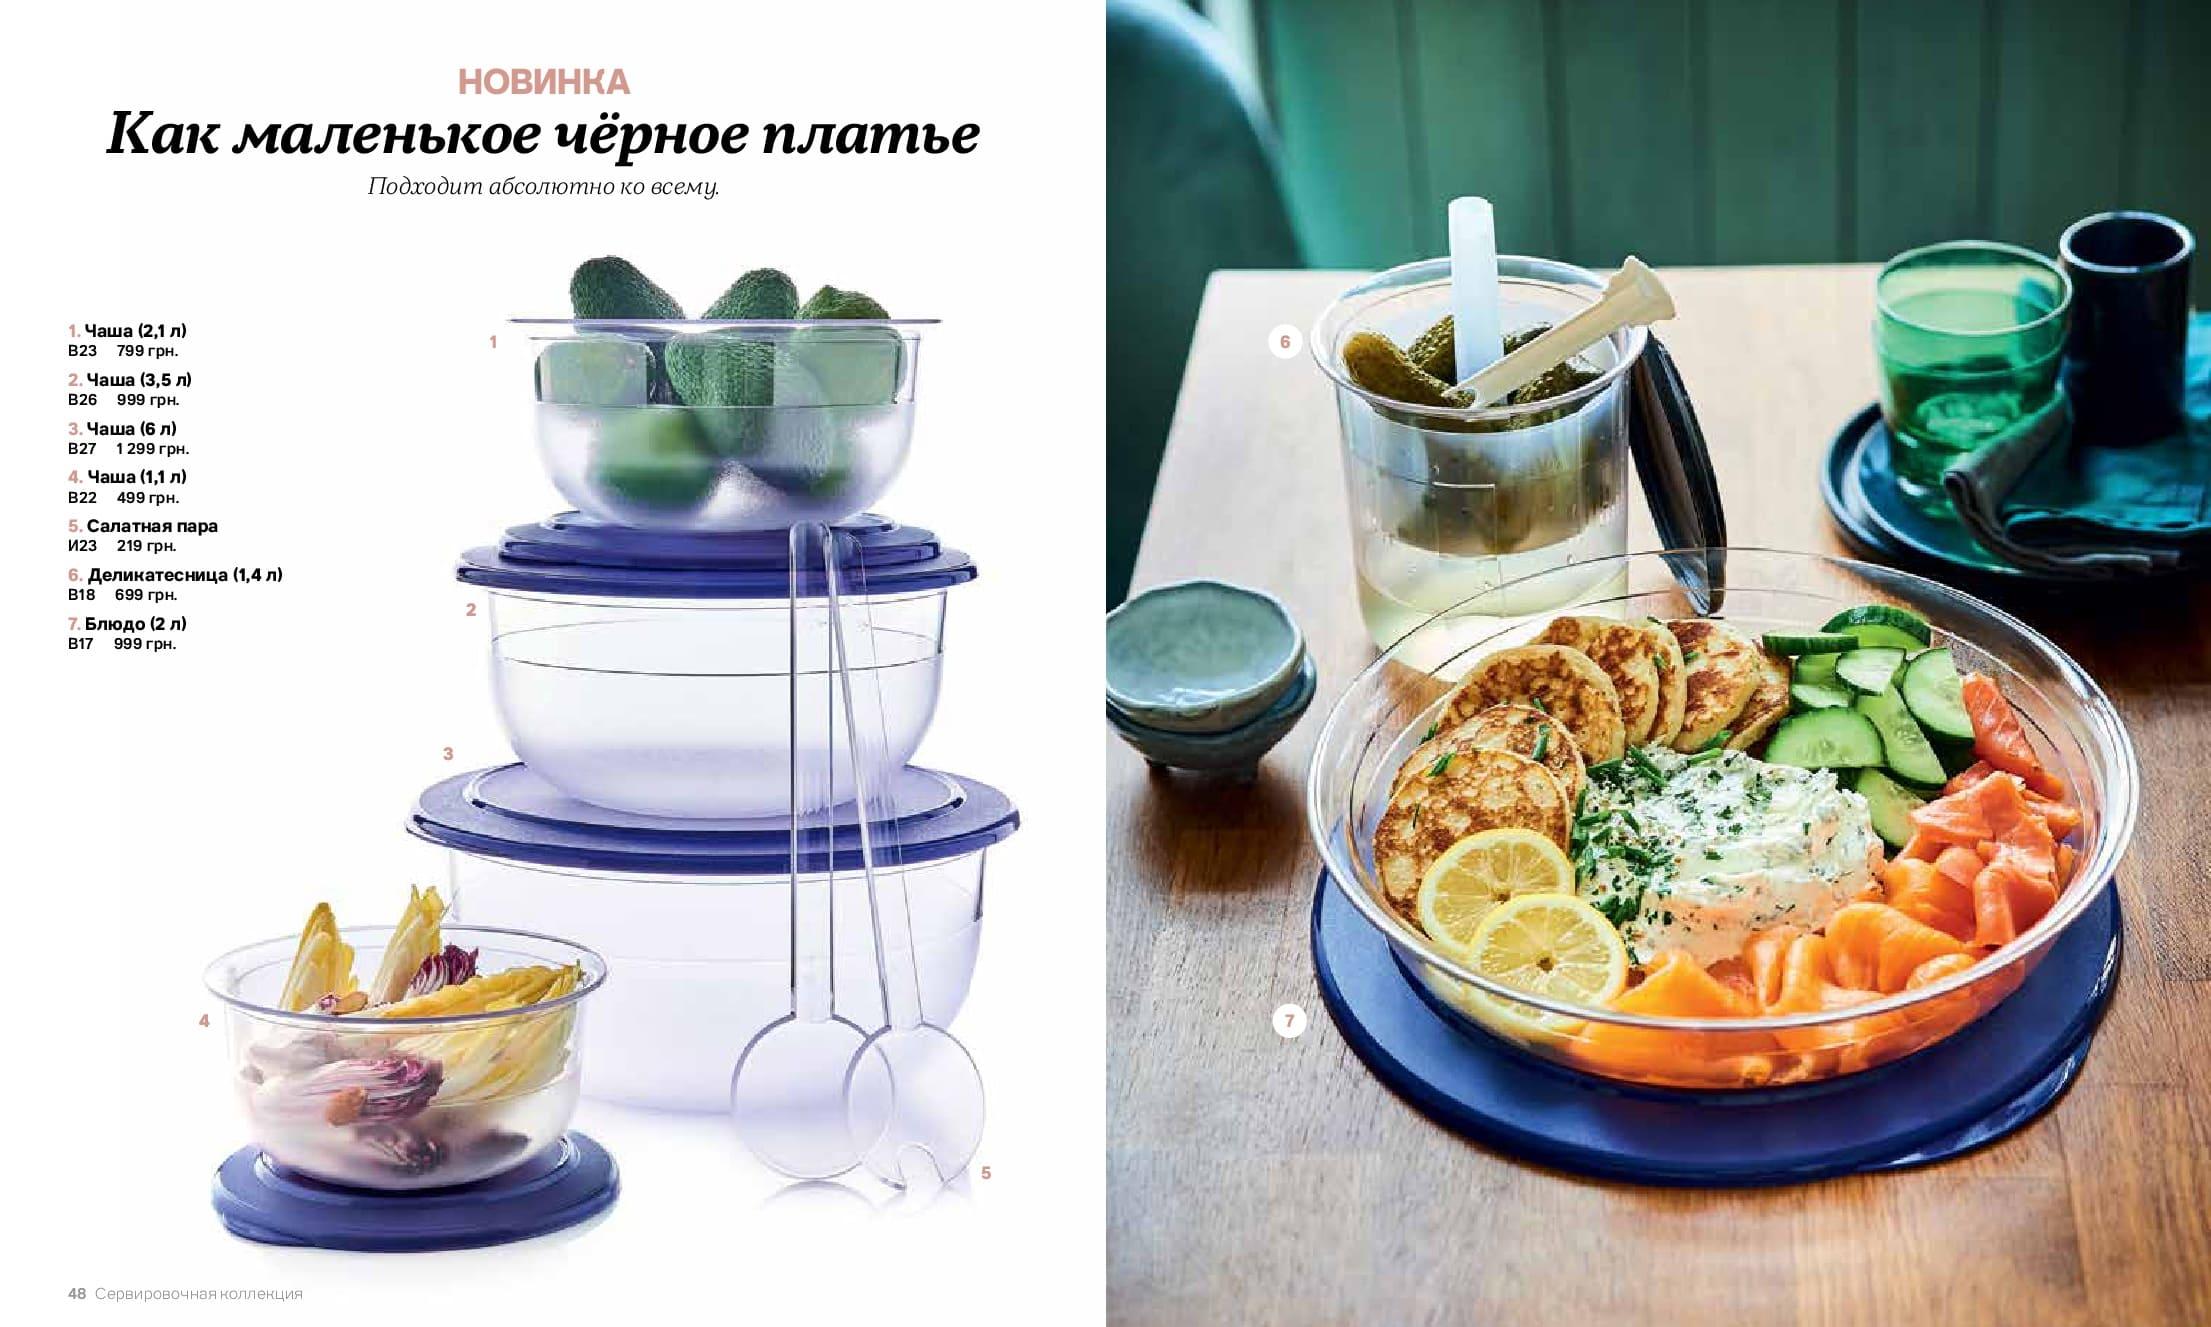 Сервировочная коллекция Тапервер – это решение как для повседневной сервировки, так и для праздничной. Она придаст элегантность и индивидуальность любому накрытому столу. Блюда, поданные в изделиях из коллекции, будут всегда смотреться восхитительно!